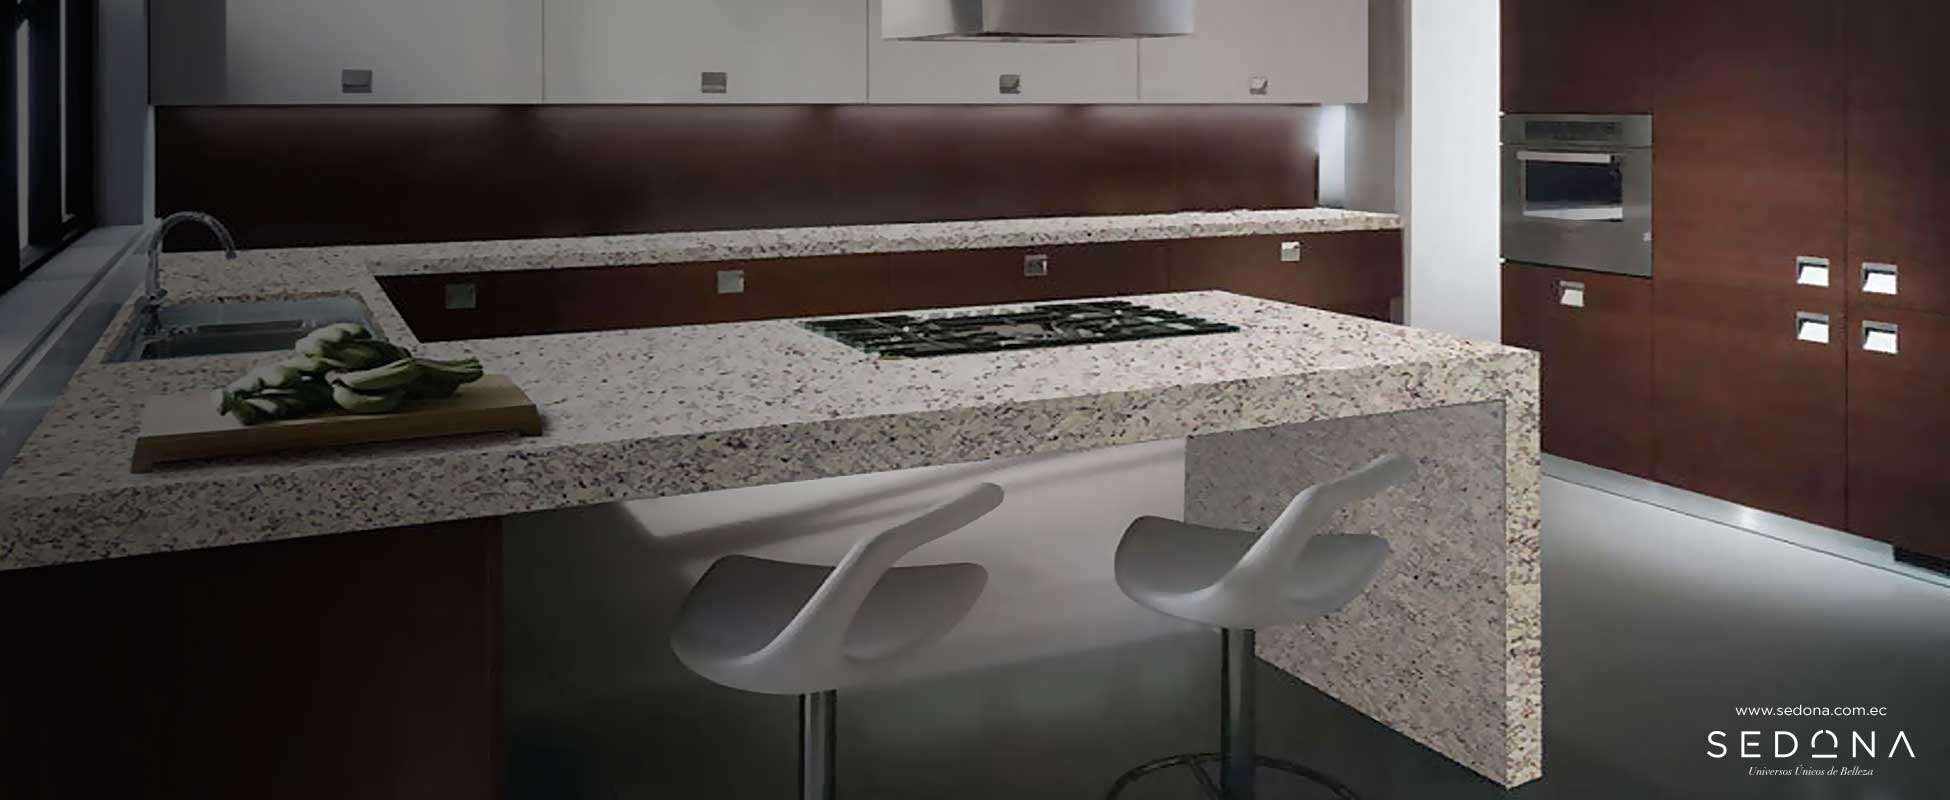 Granito blanco tulum sedona importador directo for Marmol travertino claro